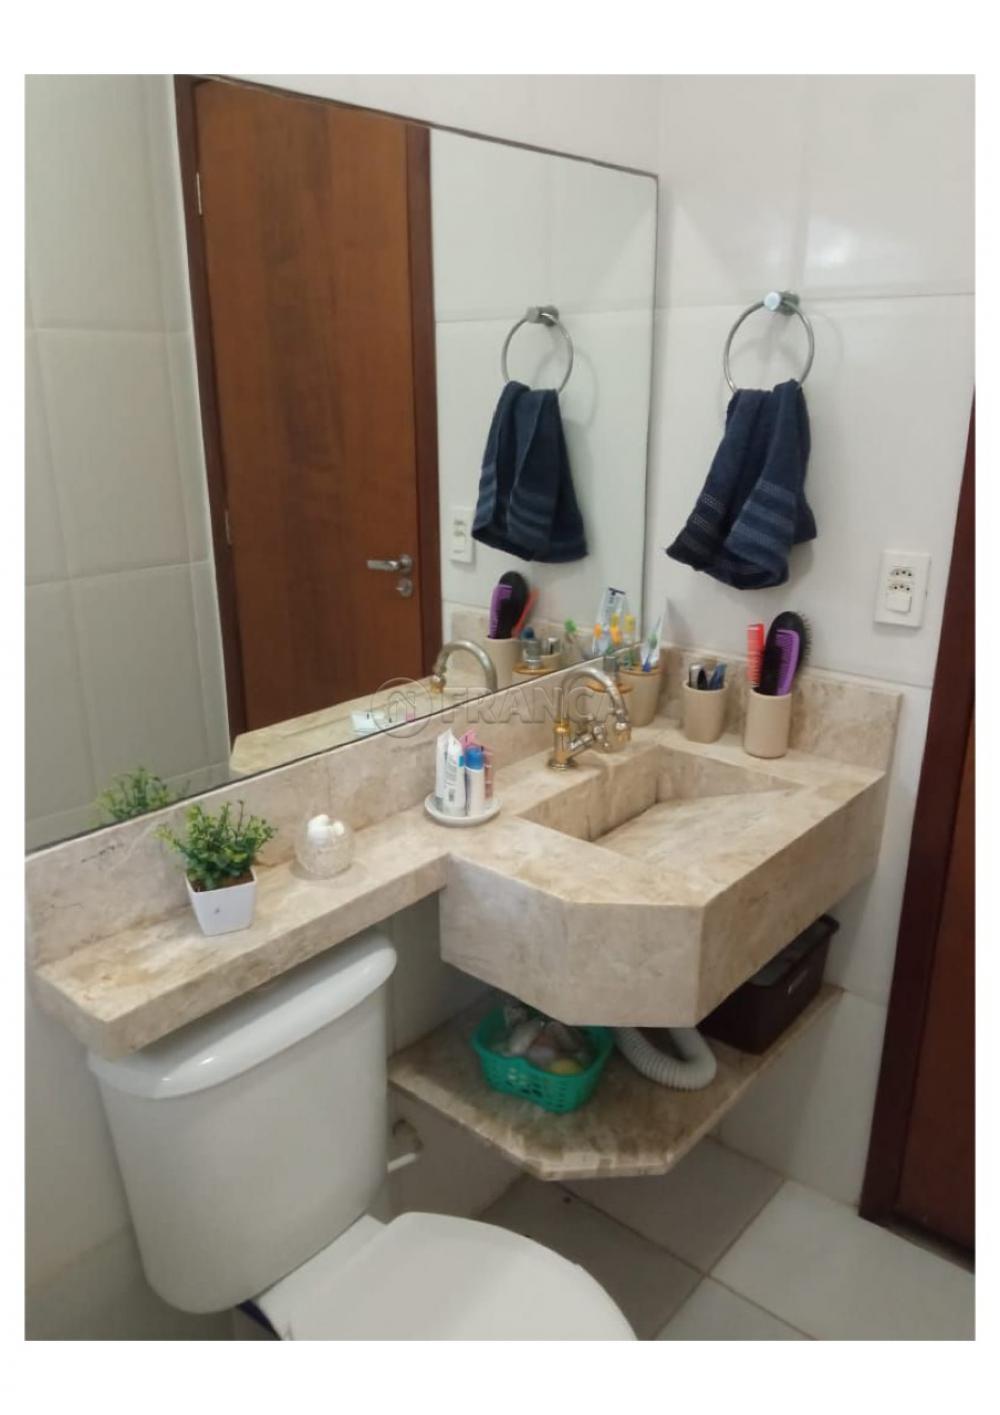 Alugar Casa / Condomínio em Jacareí R$ 1.000,00 - Foto 8